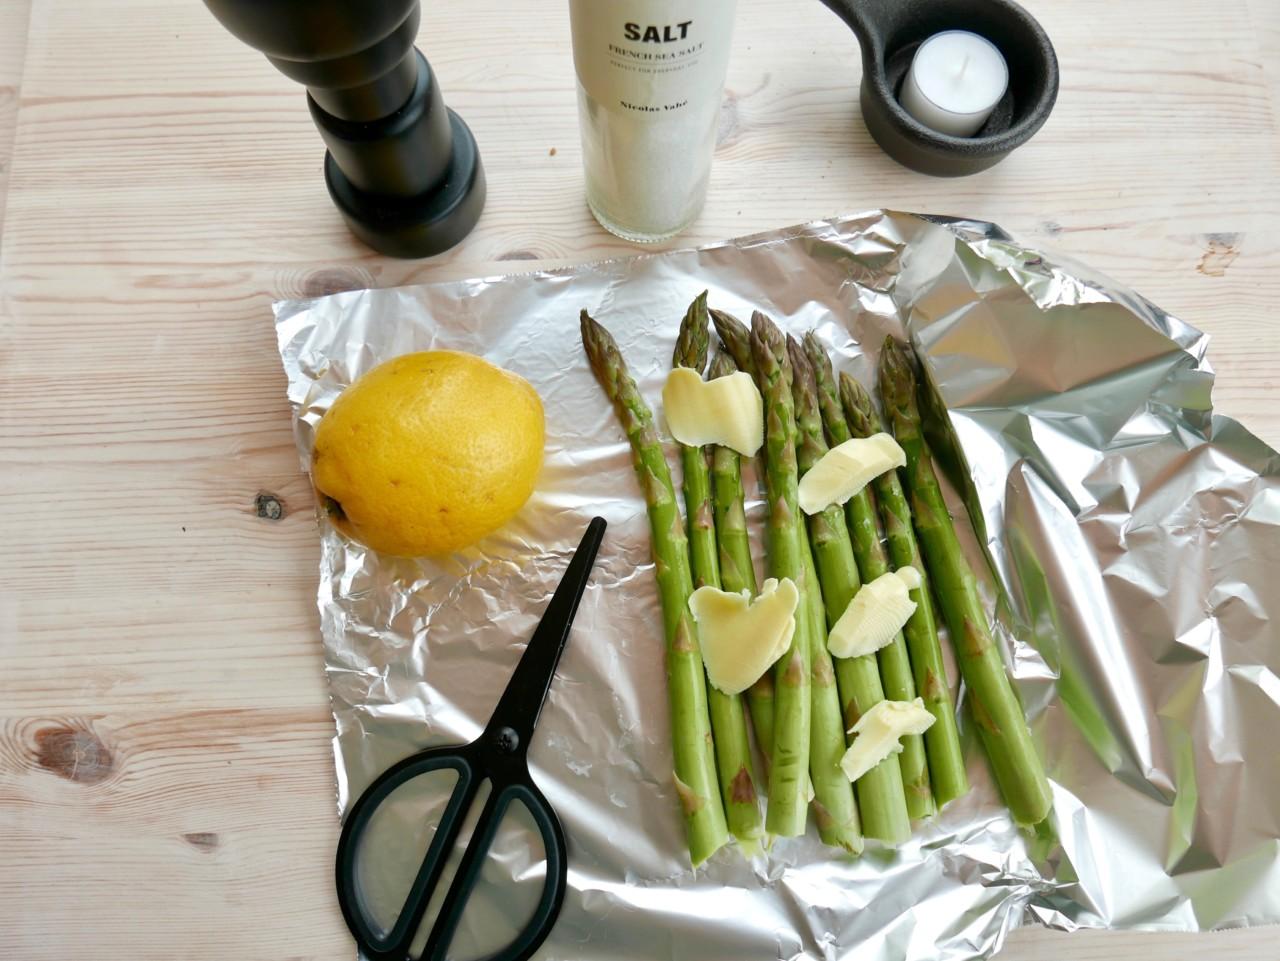 grillet-asparges-balpanne-middag-vegetar-green-house